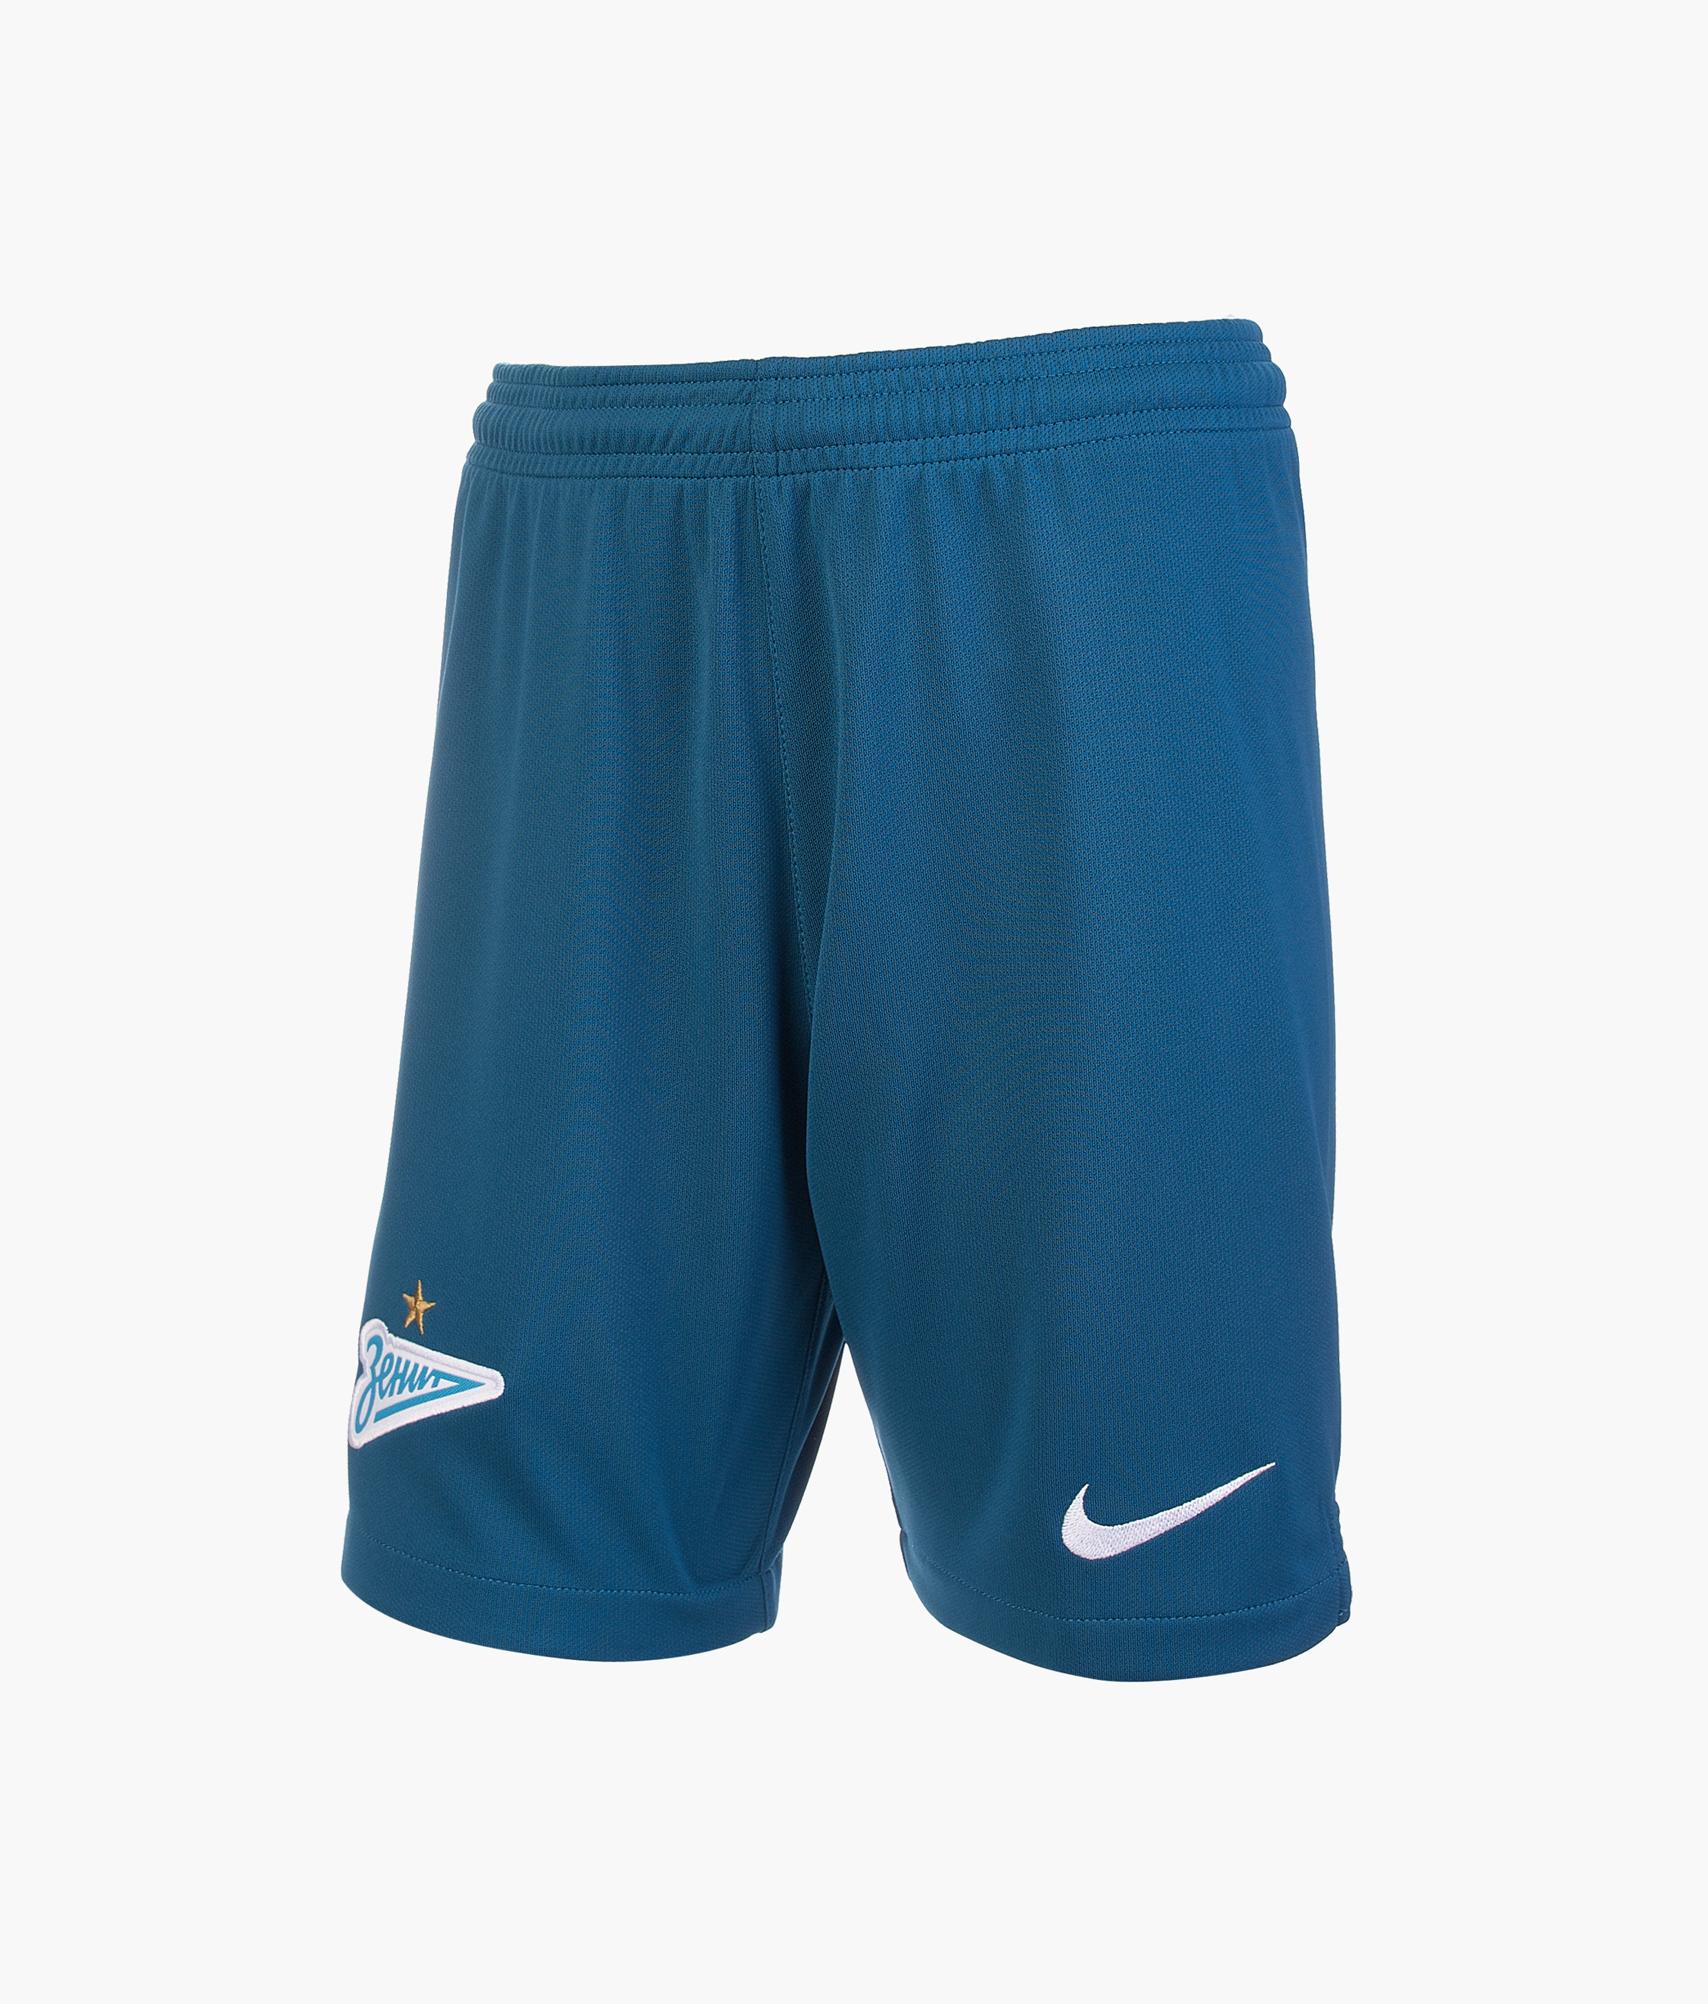 Подростковые домашние шорты Nike сезона 2019/2020 Nike Цвет-Синий